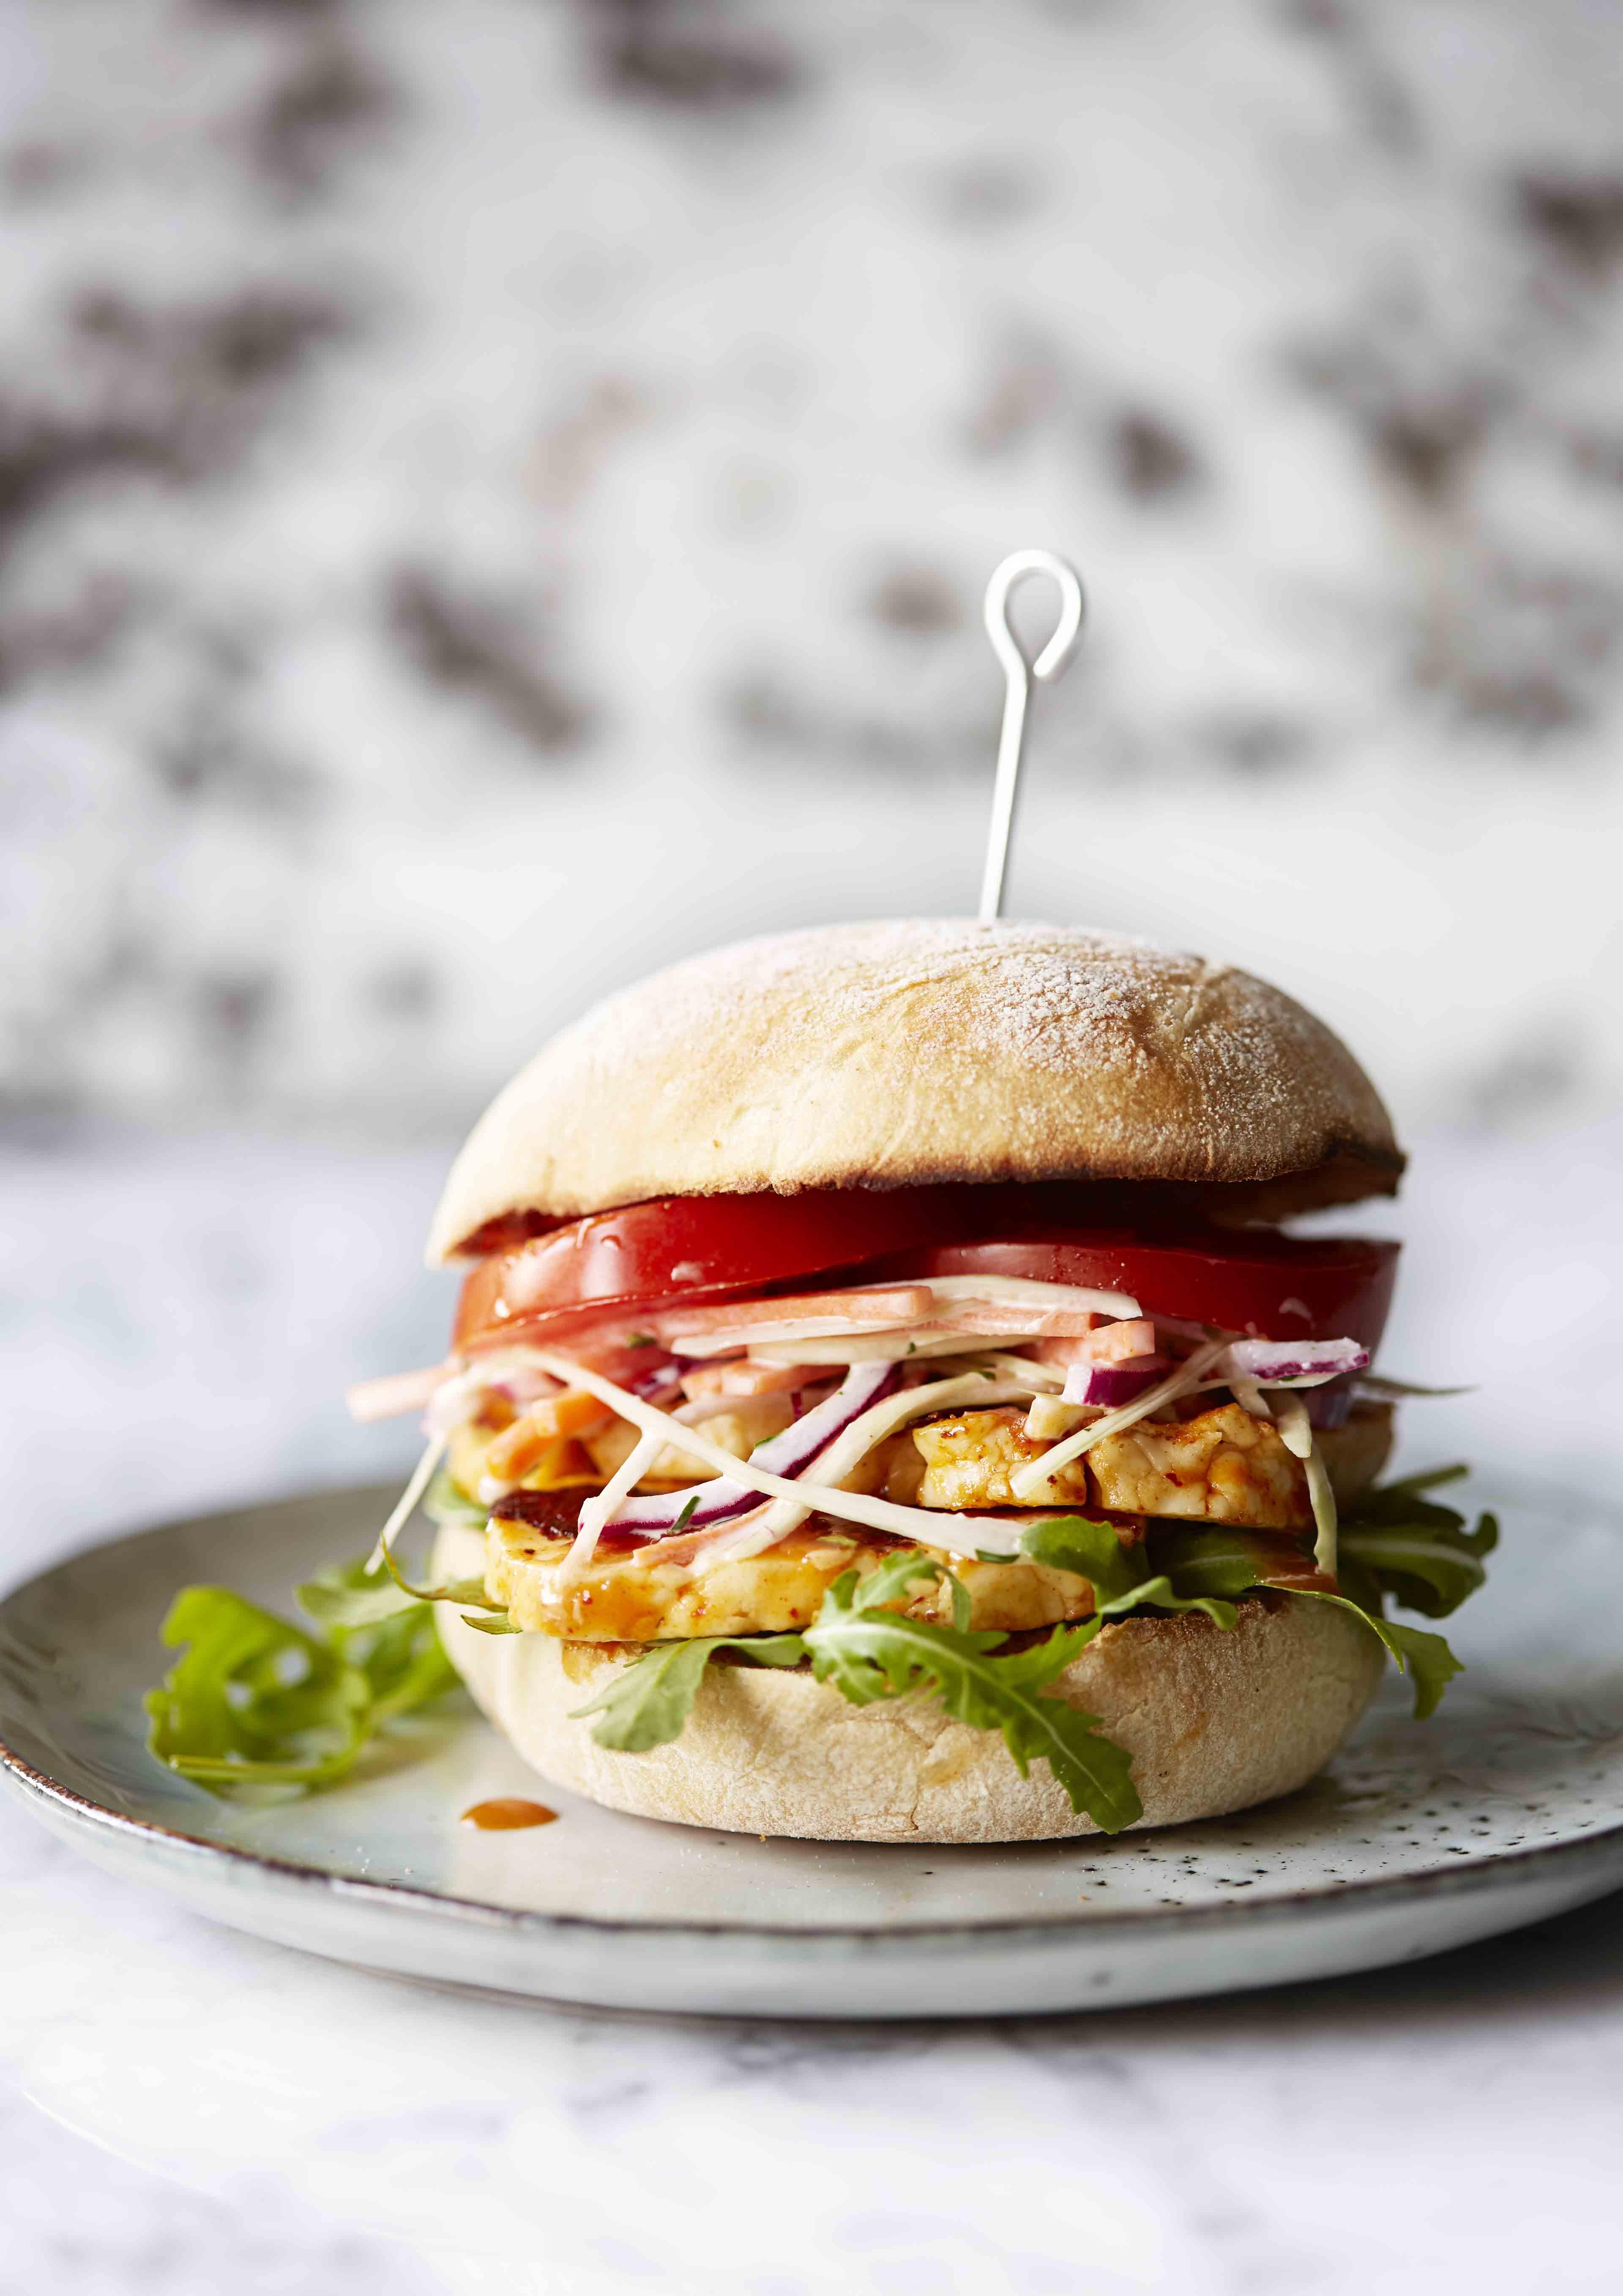 Veggie Burger Recipe For Peri Peri Halloumi Burgers